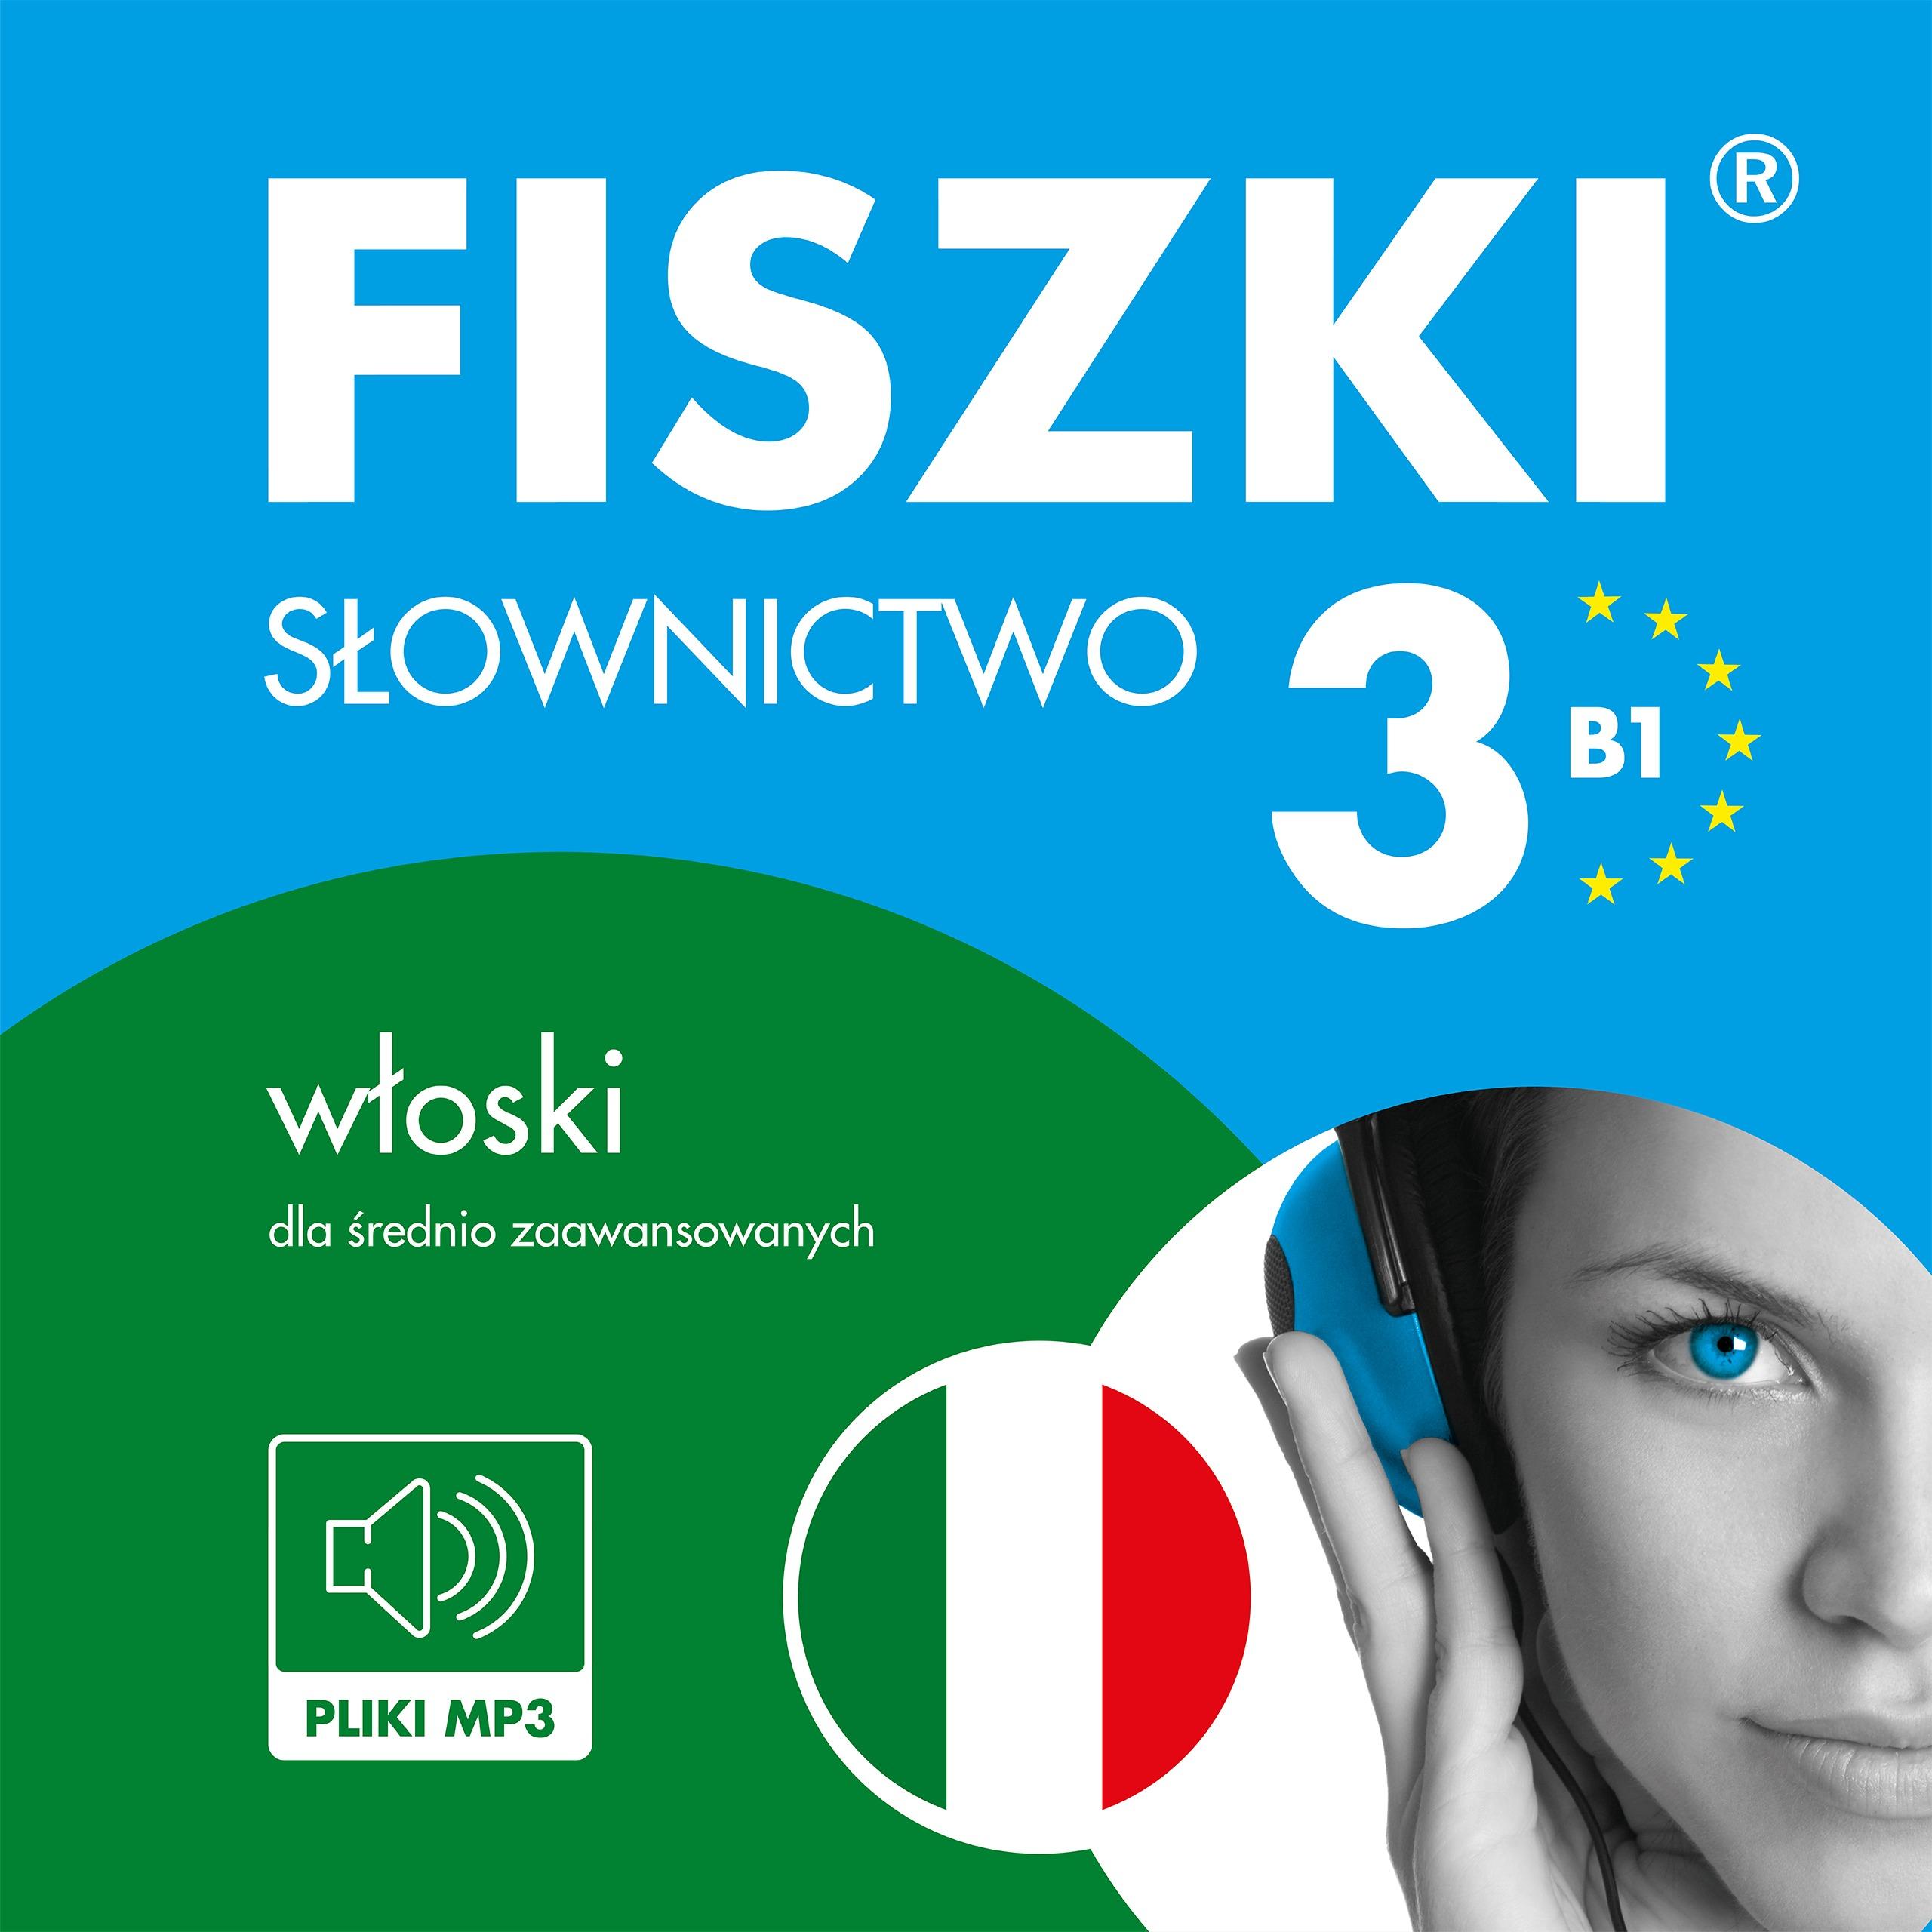 AUDIOBOOK - włoski - Słownictwo 3 (B1)